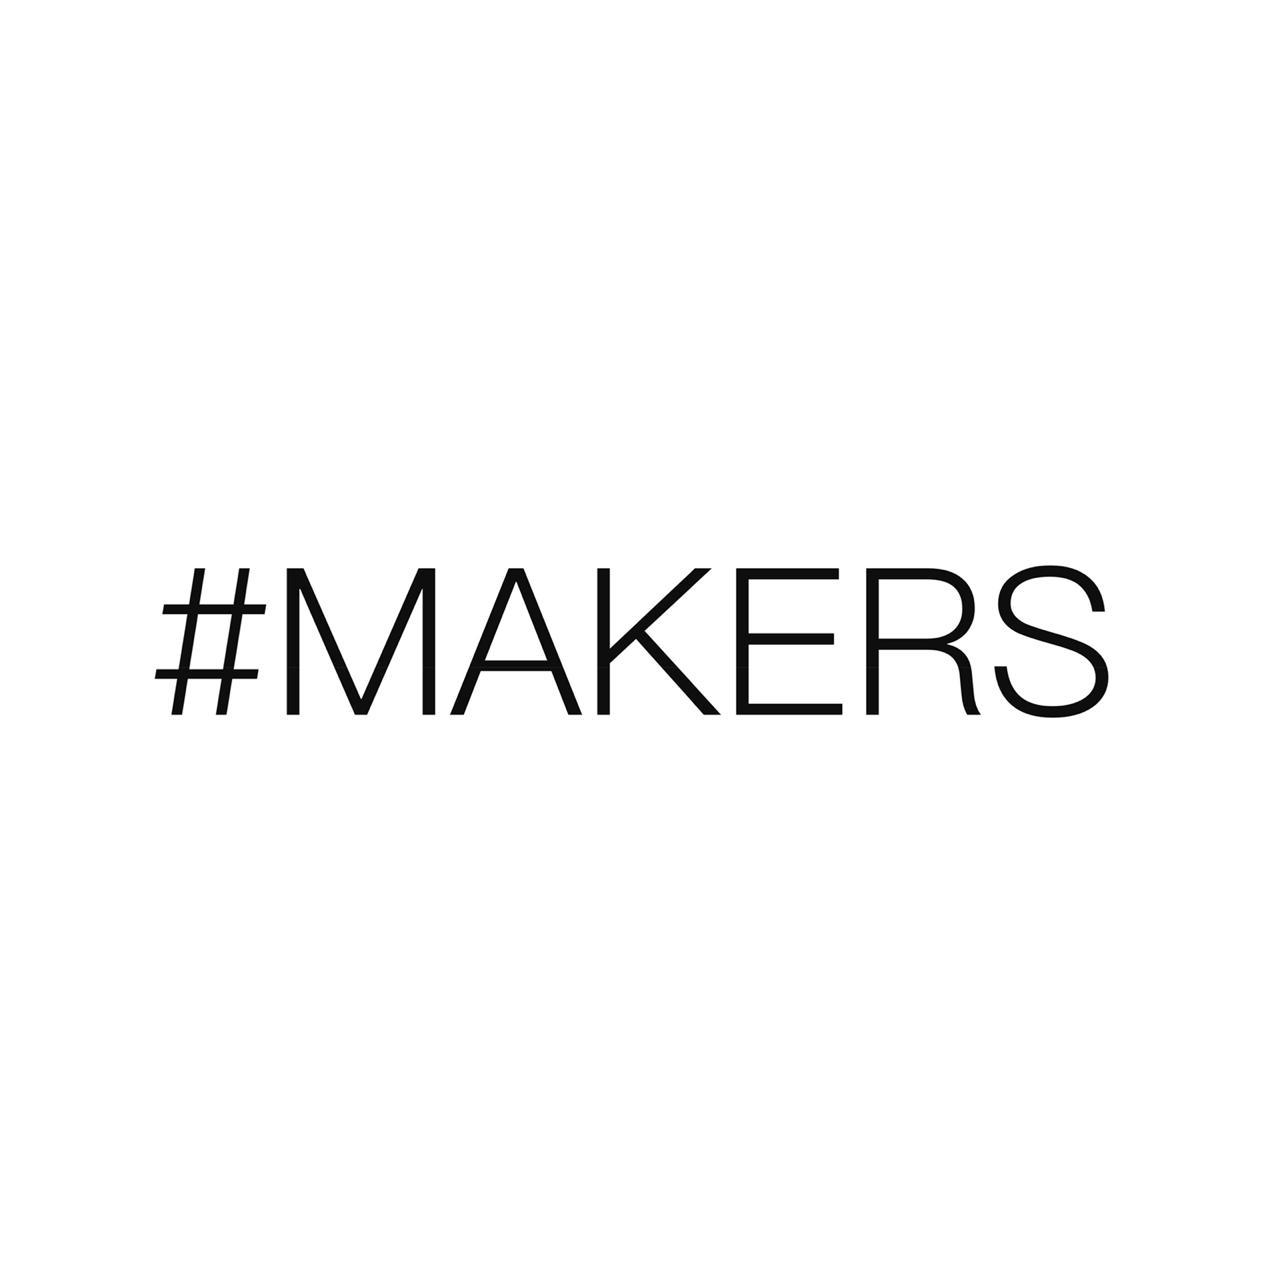 Makers Tulum